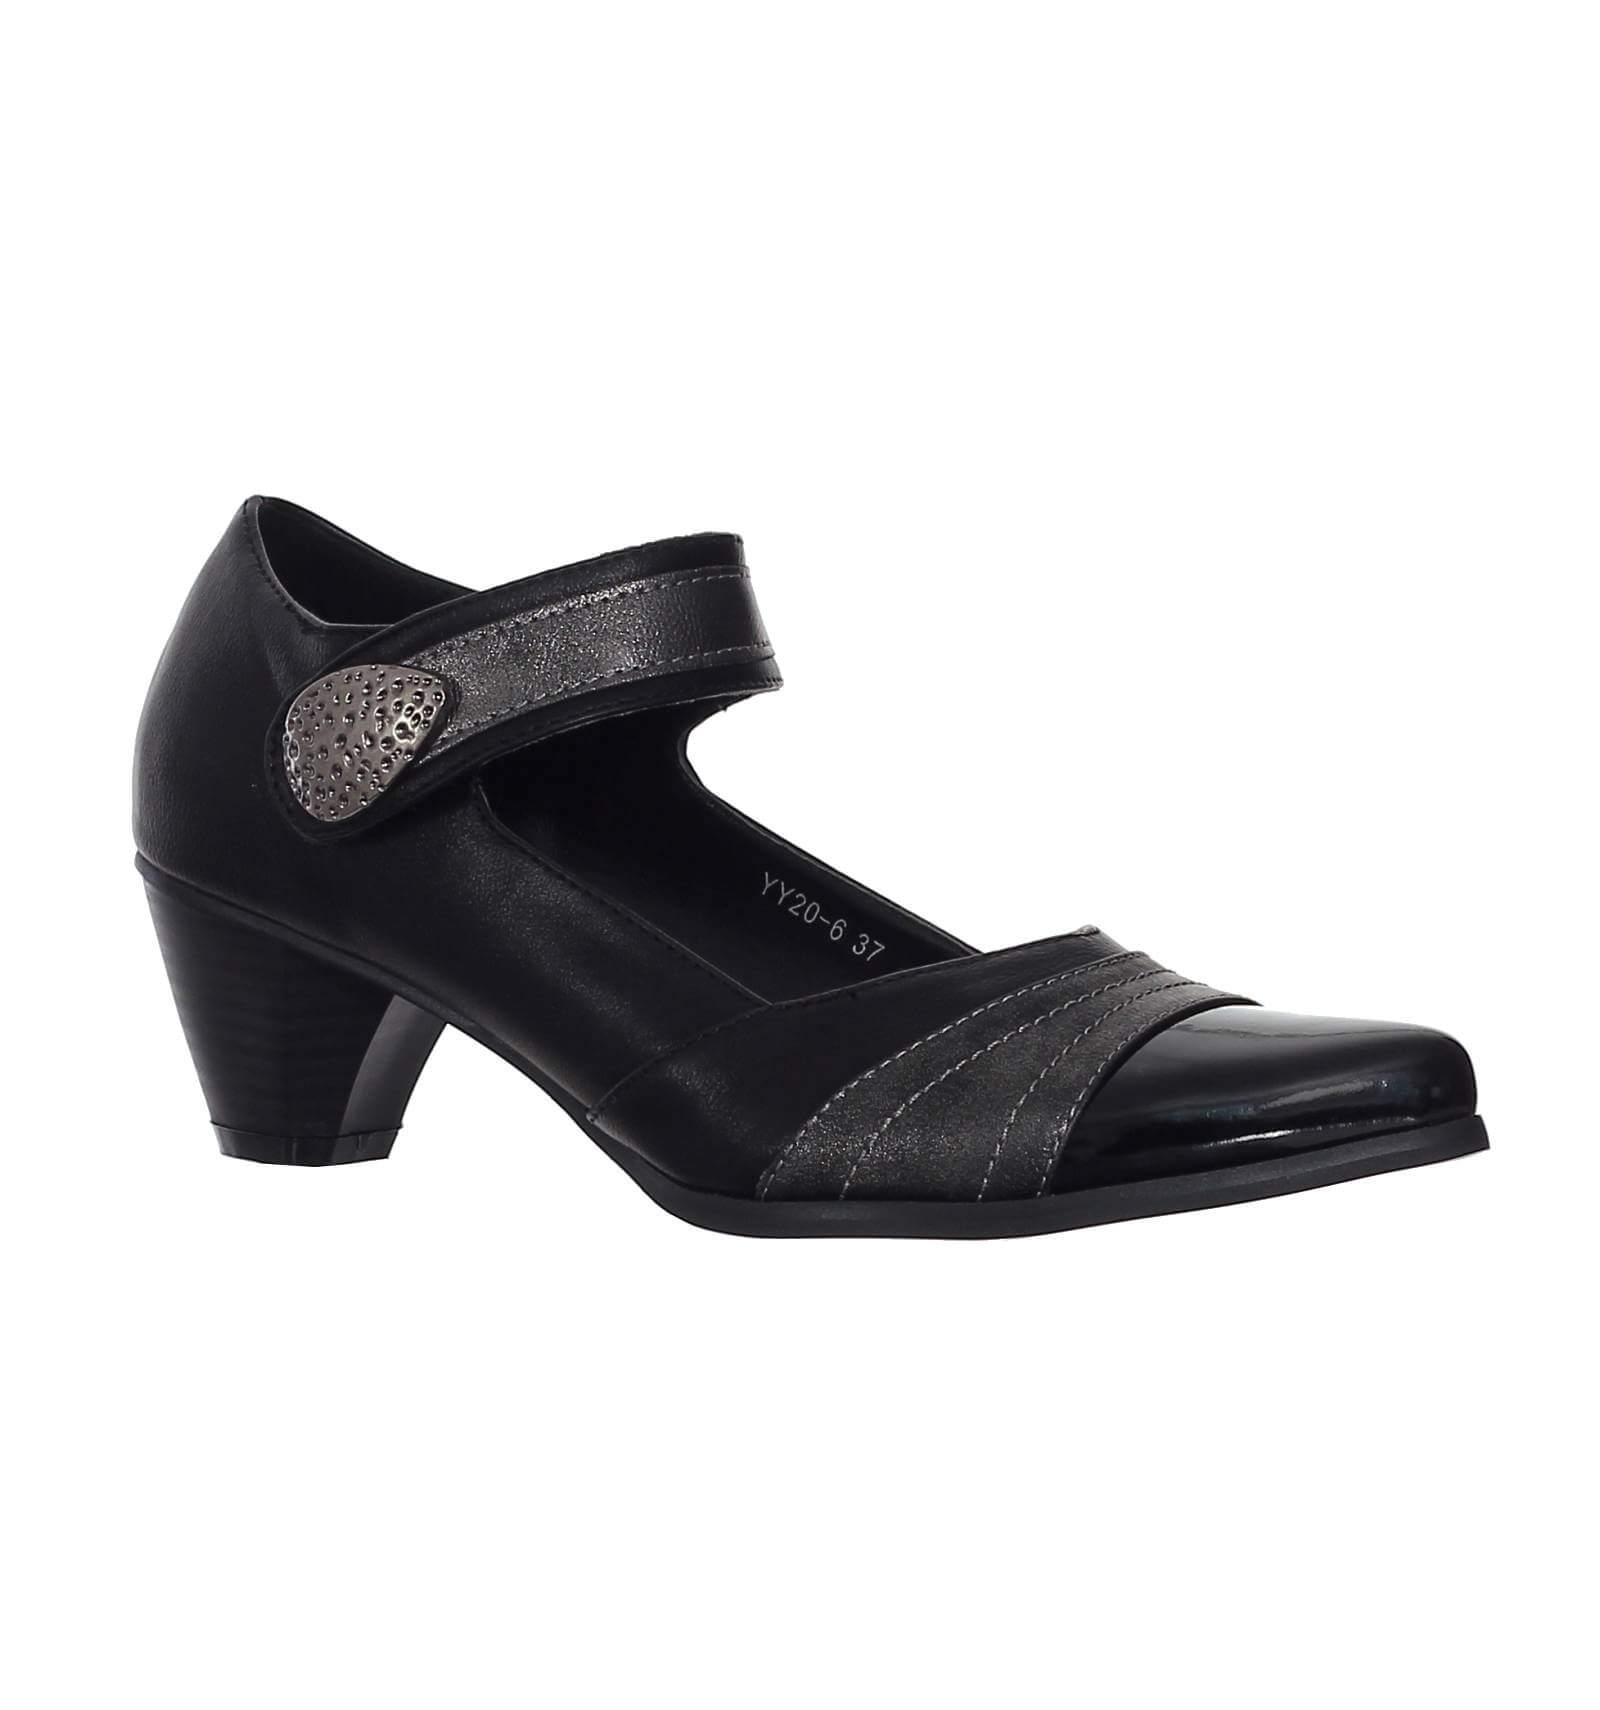 chaussure classique bout pointu avec boucle et scratch noir norwich. Black Bedroom Furniture Sets. Home Design Ideas